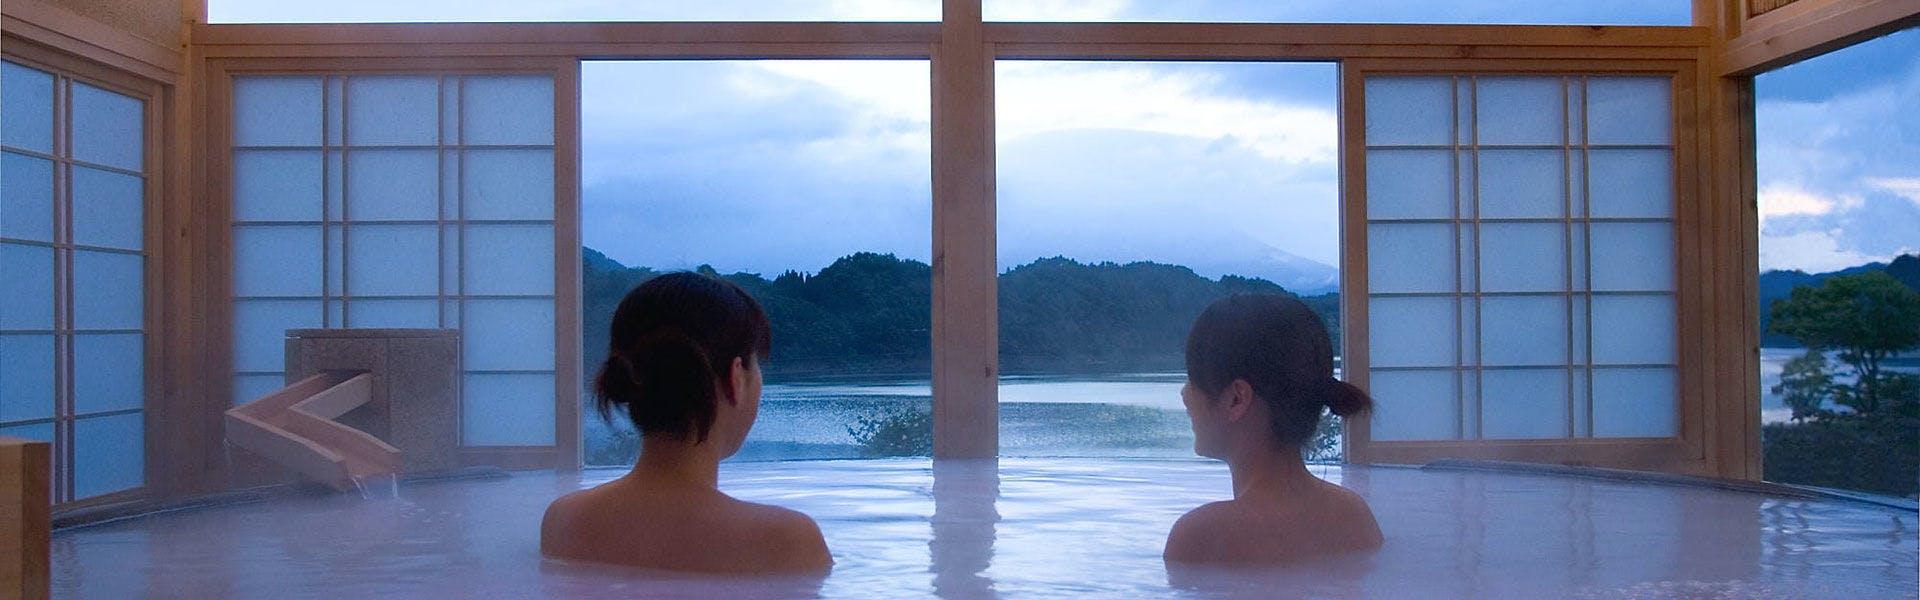 記念日におすすめのホテル・盛岡つなぎ温泉 ホテル紫苑の写真2